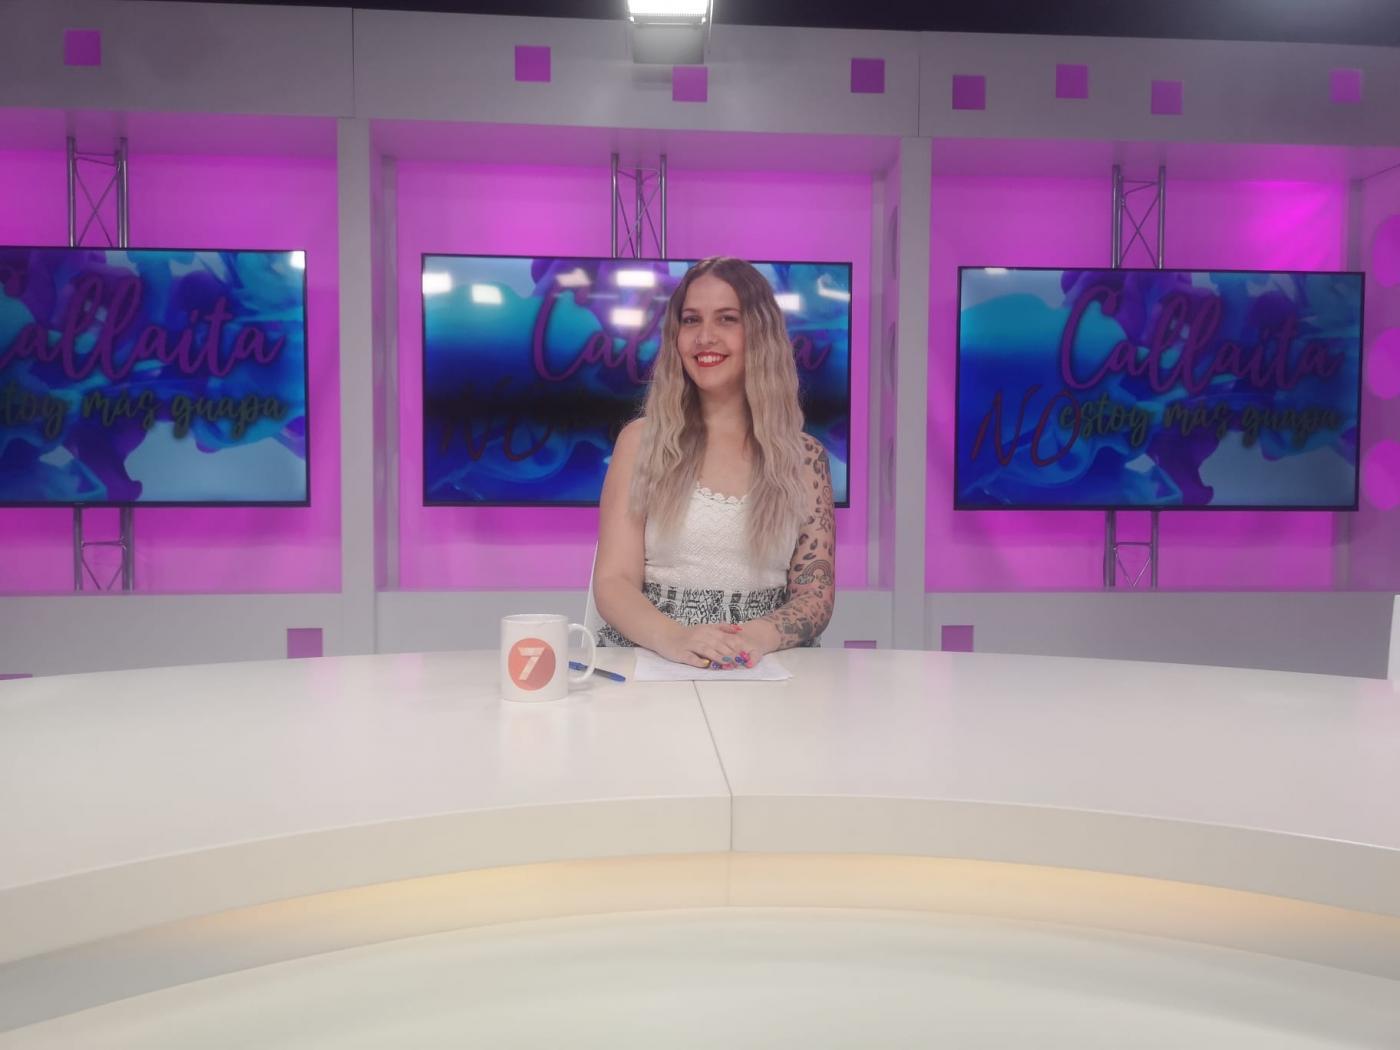 La revolución llega a 7 TV El Puerto con 'Callaíta no estoy más guapa'